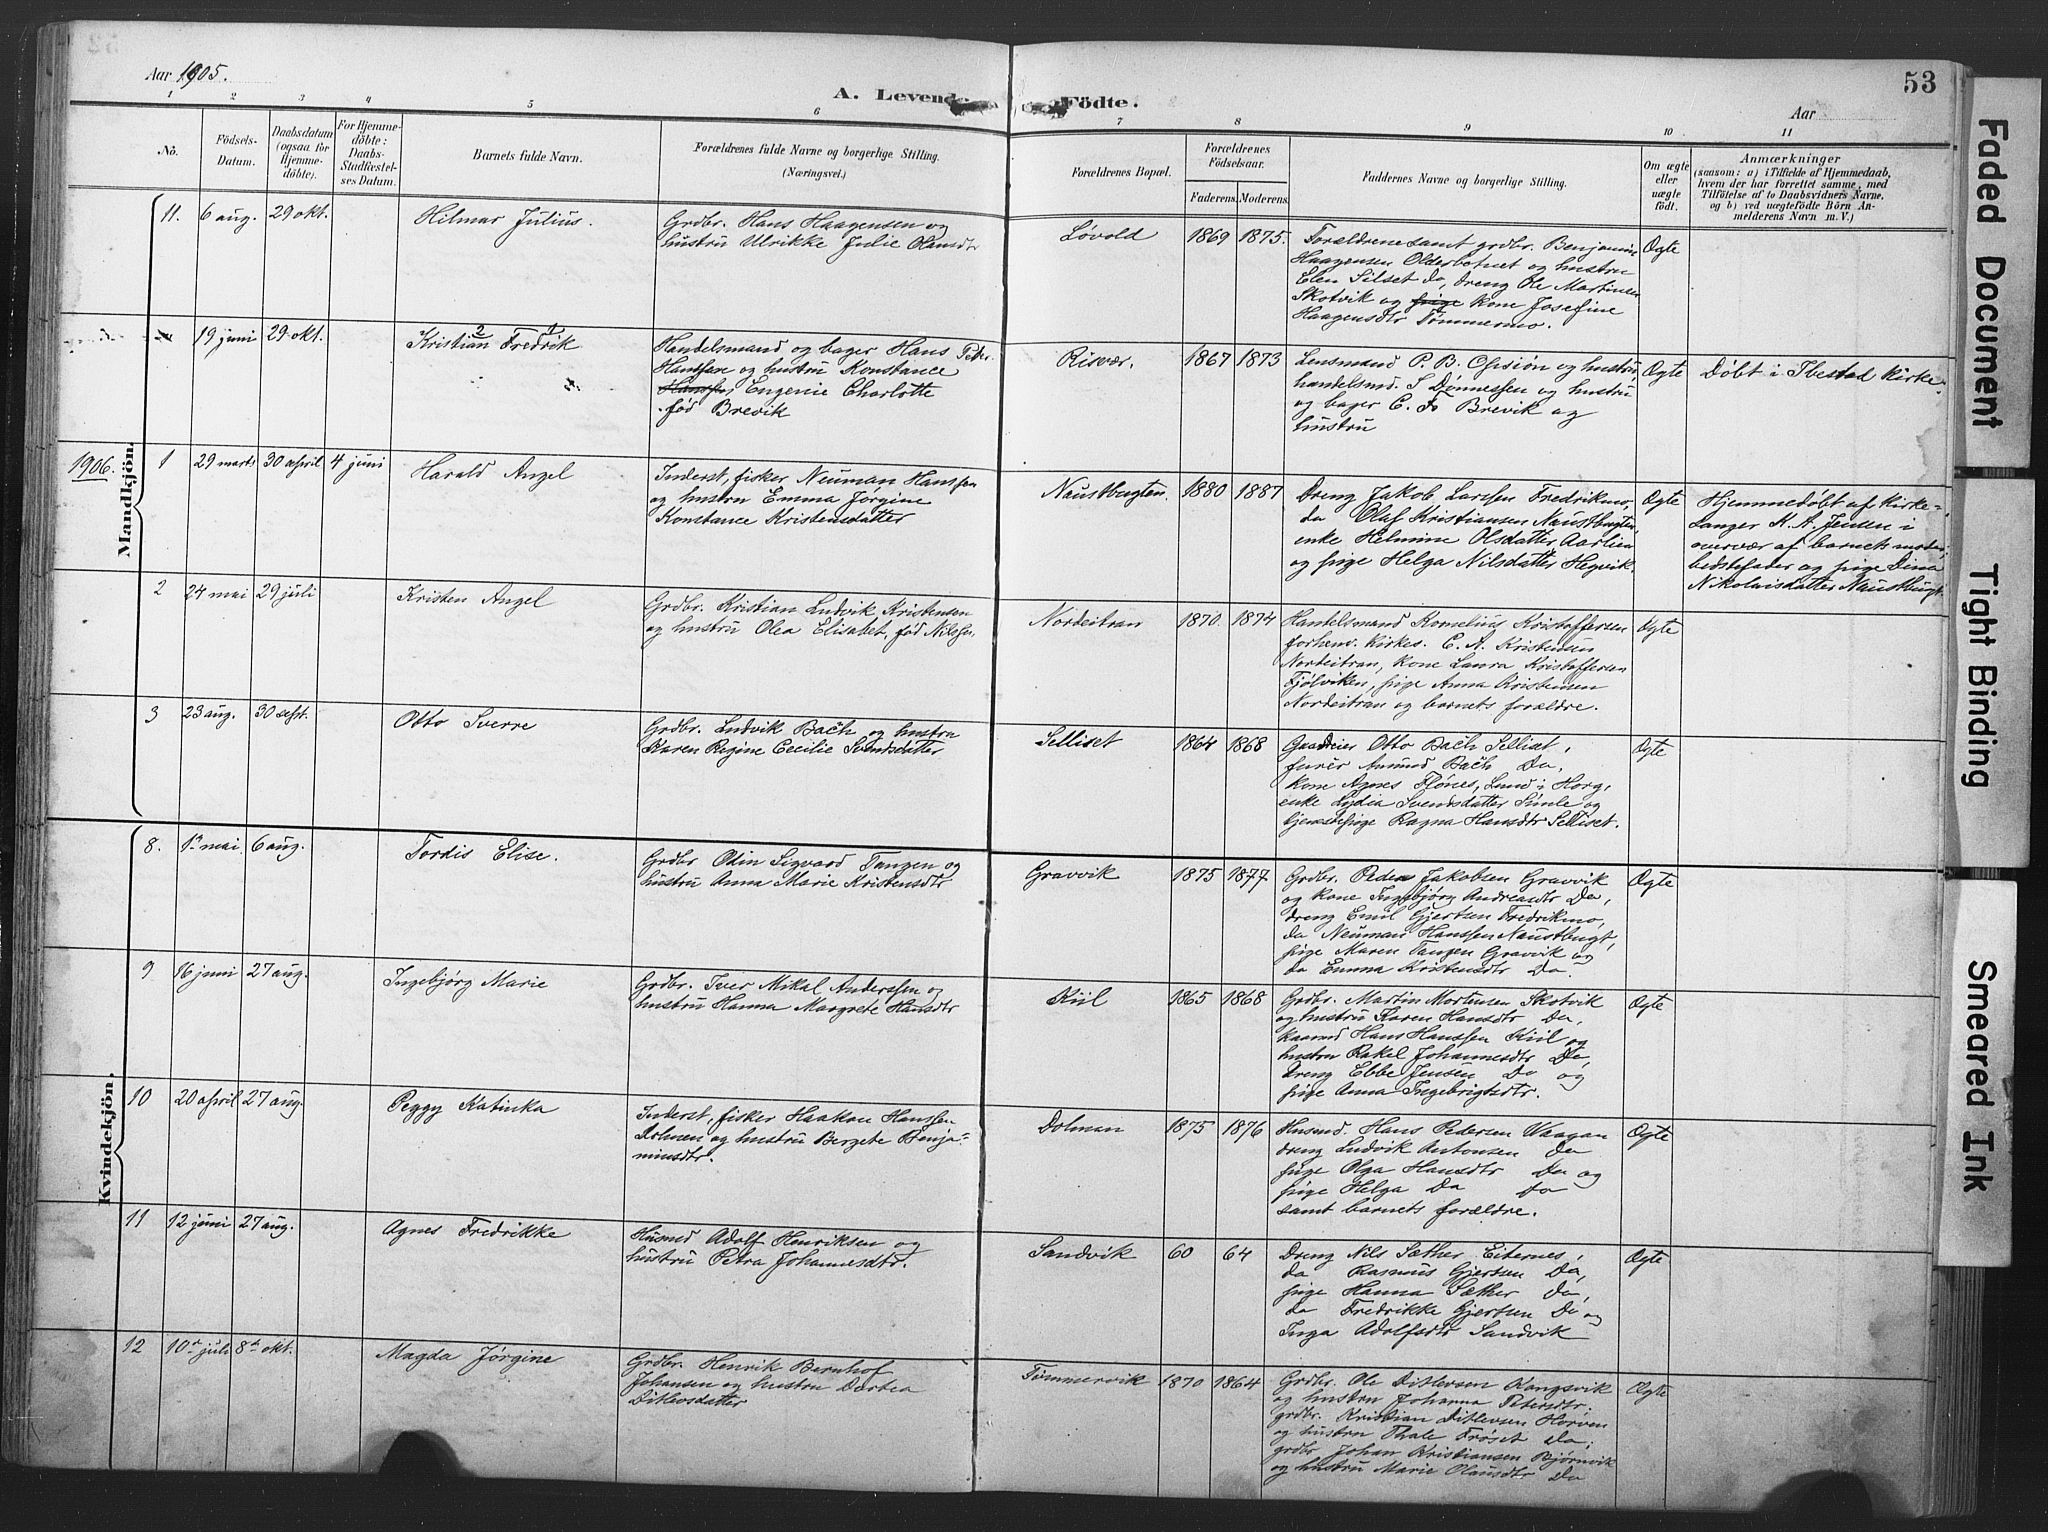 SAT, Ministerialprotokoller, klokkerbøker og fødselsregistre - Nord-Trøndelag, 789/L0706: Klokkerbok nr. 789C01, 1888-1931, s. 53